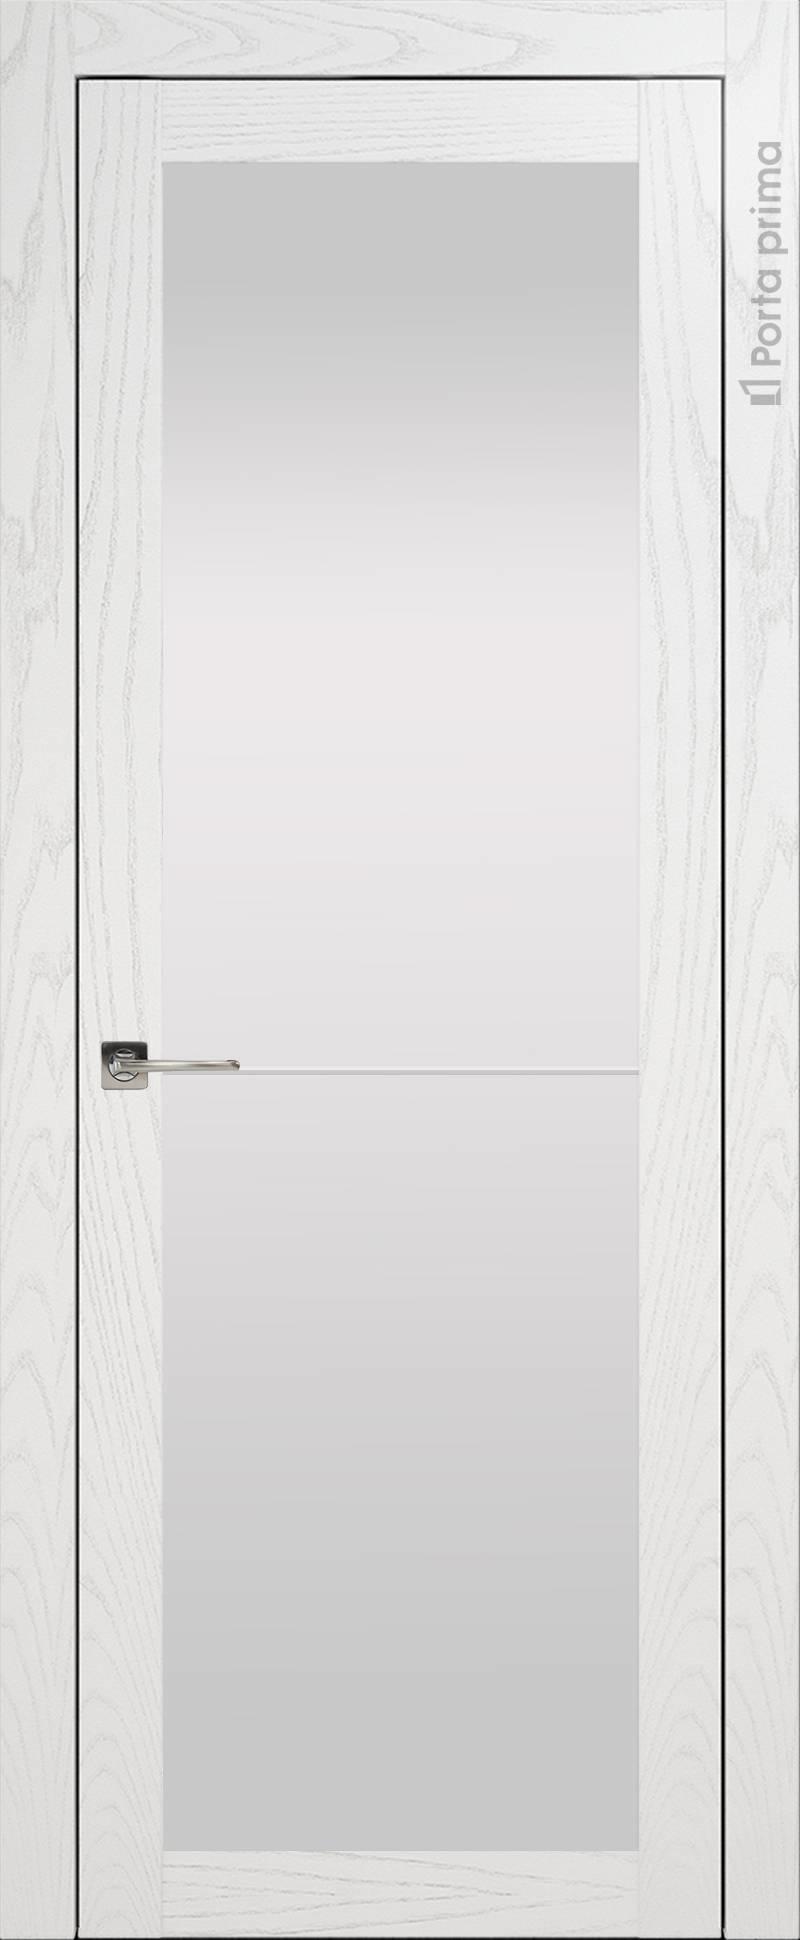 Tivoli З-2 цвет - Белый ясень (шпон) Со стеклом (ДО)